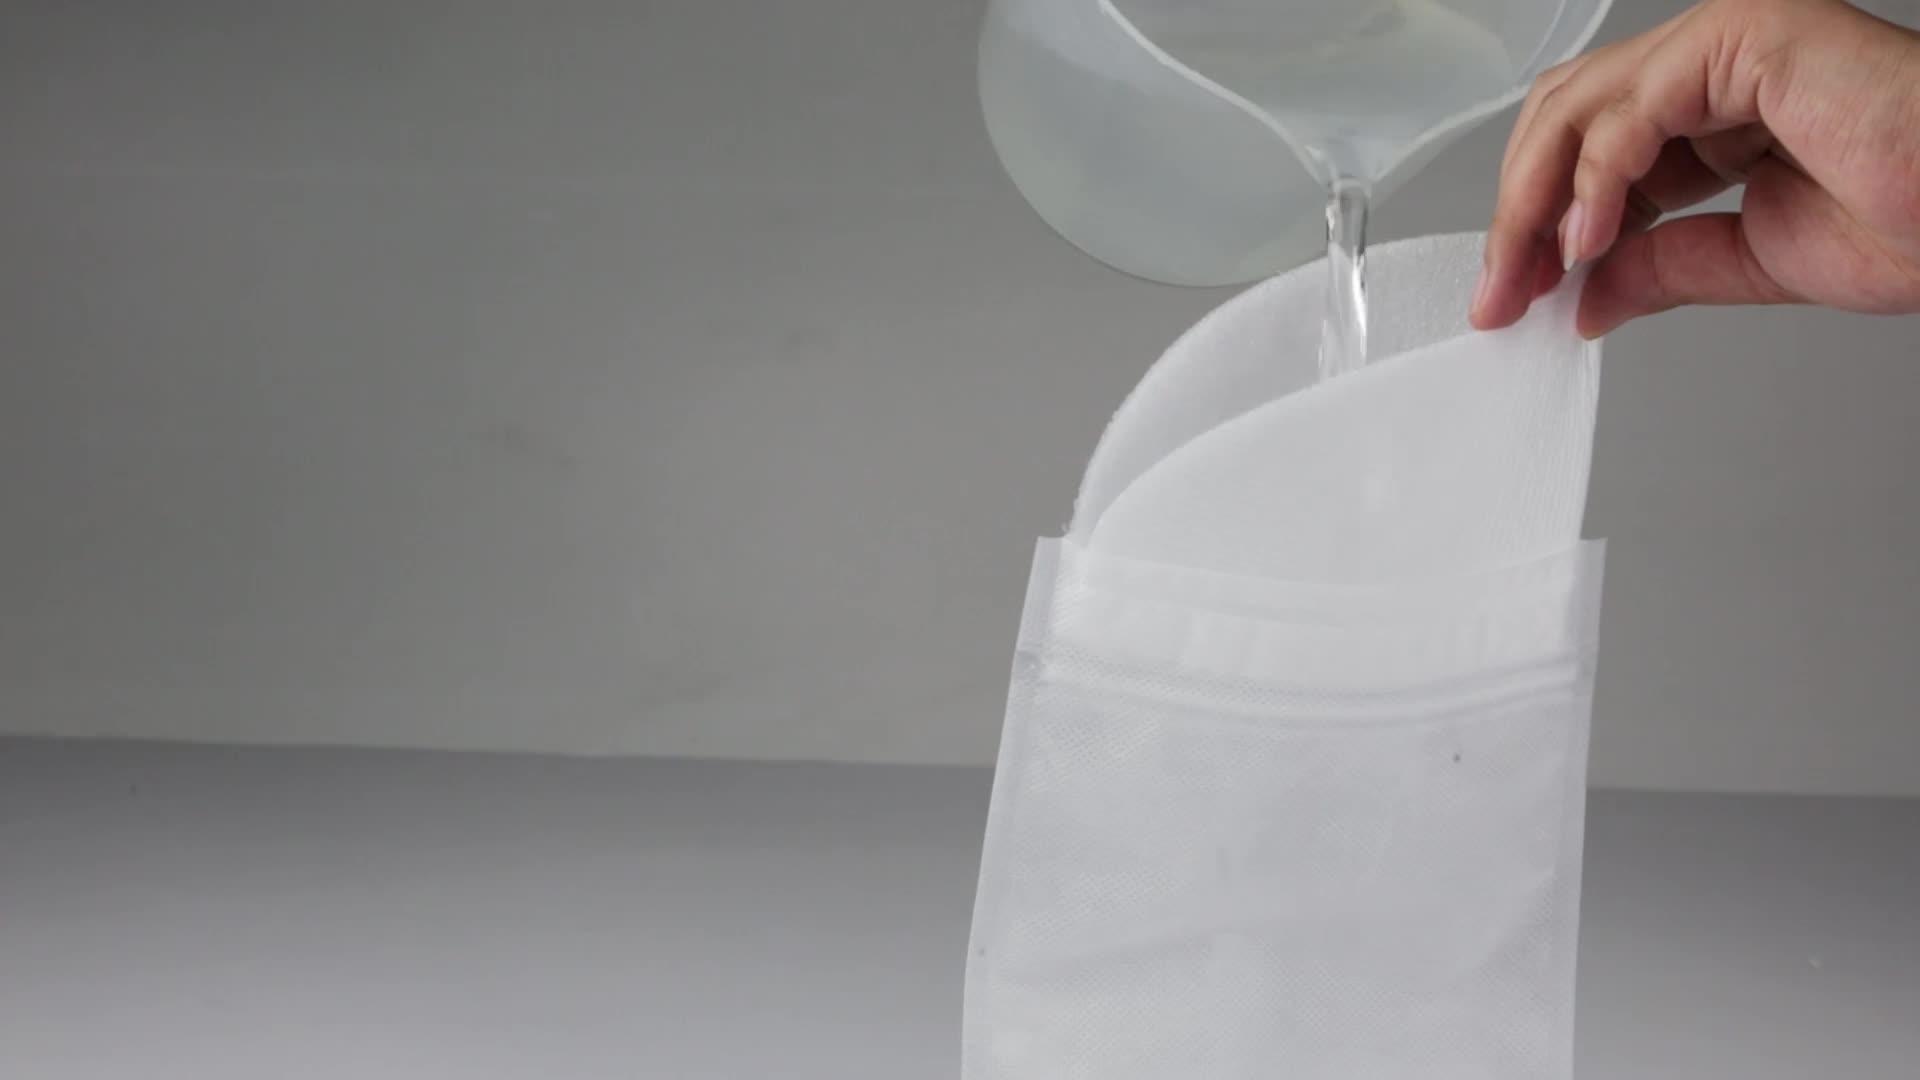 Comodo Sacchetto di Urina Di Emergenza Per Gli Adulti/Portatile Mini Wc